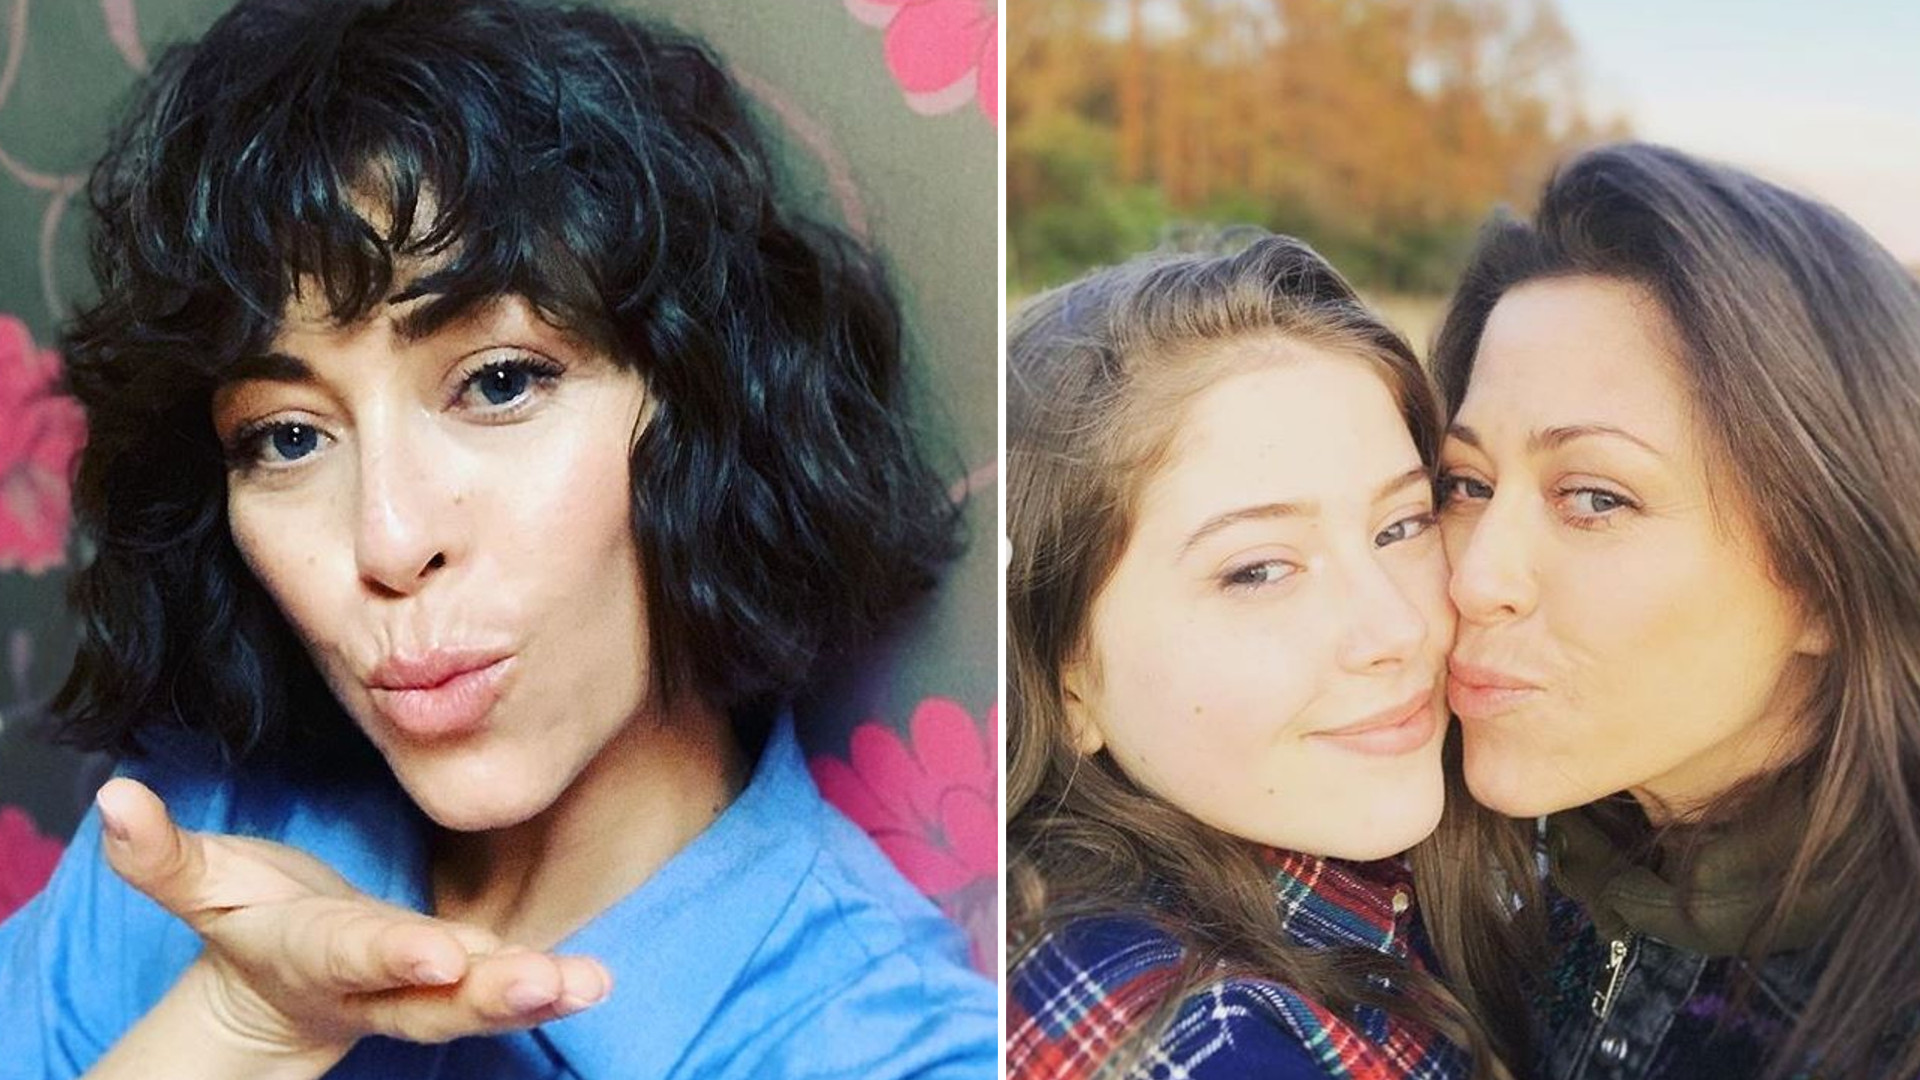 Córka Natalii Kukulskiej wystąpiła w REKLAMIE. Zaśpiewała piosenkę i wiadomo, po kim odziedziczyła talent